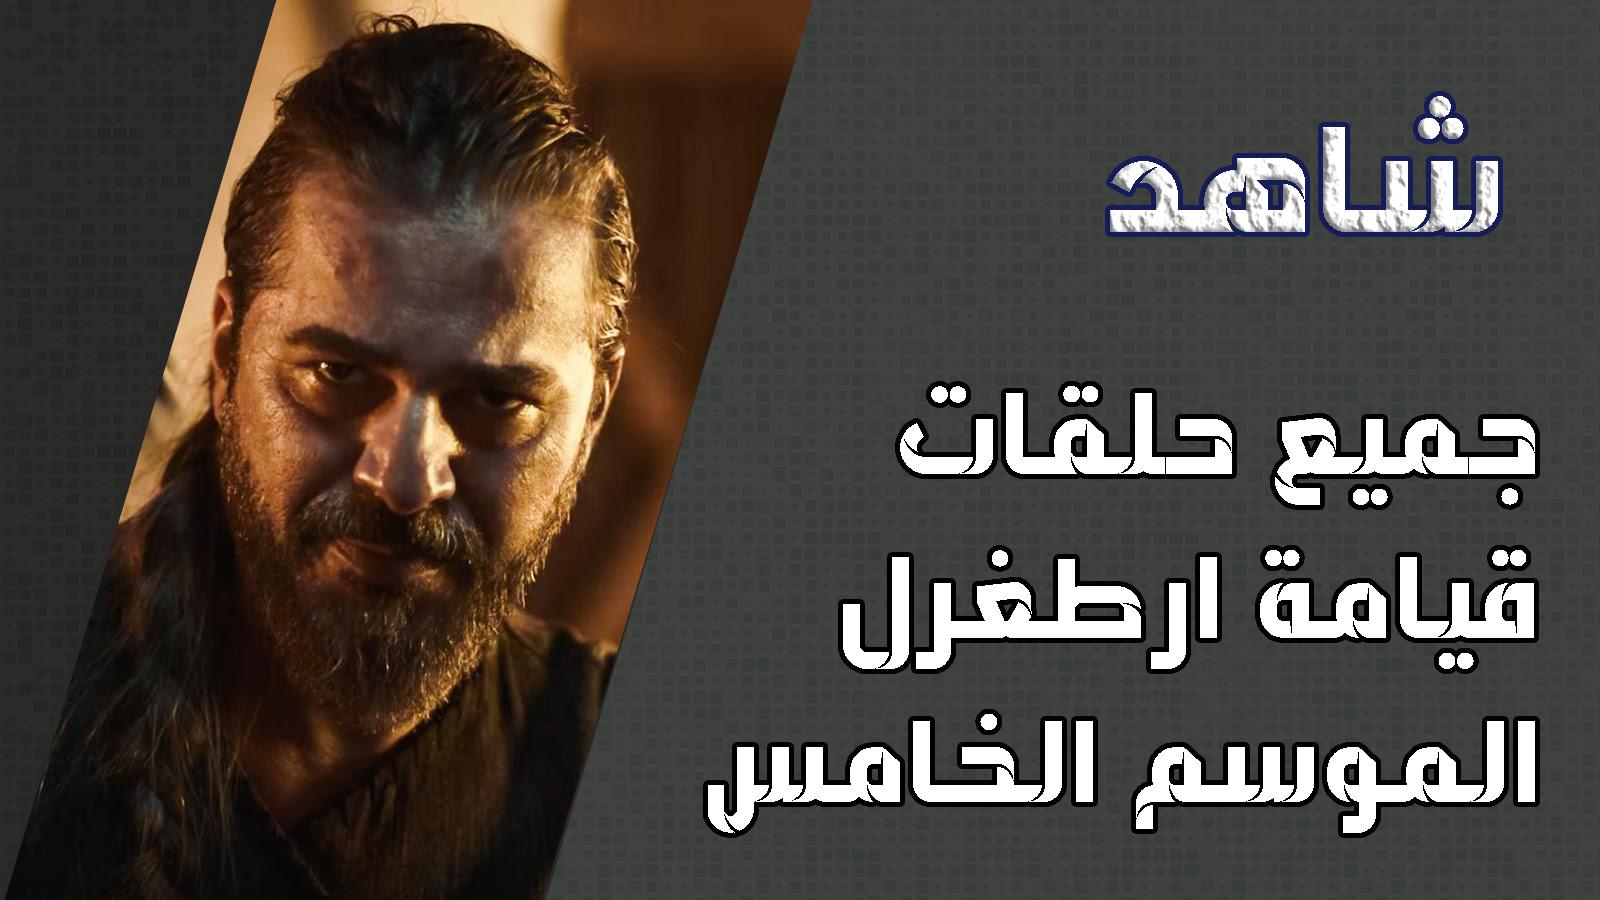 مسلسل قيامة ارطغرل الجزء الخامس الحلقة 145 مدبلجة للعربية